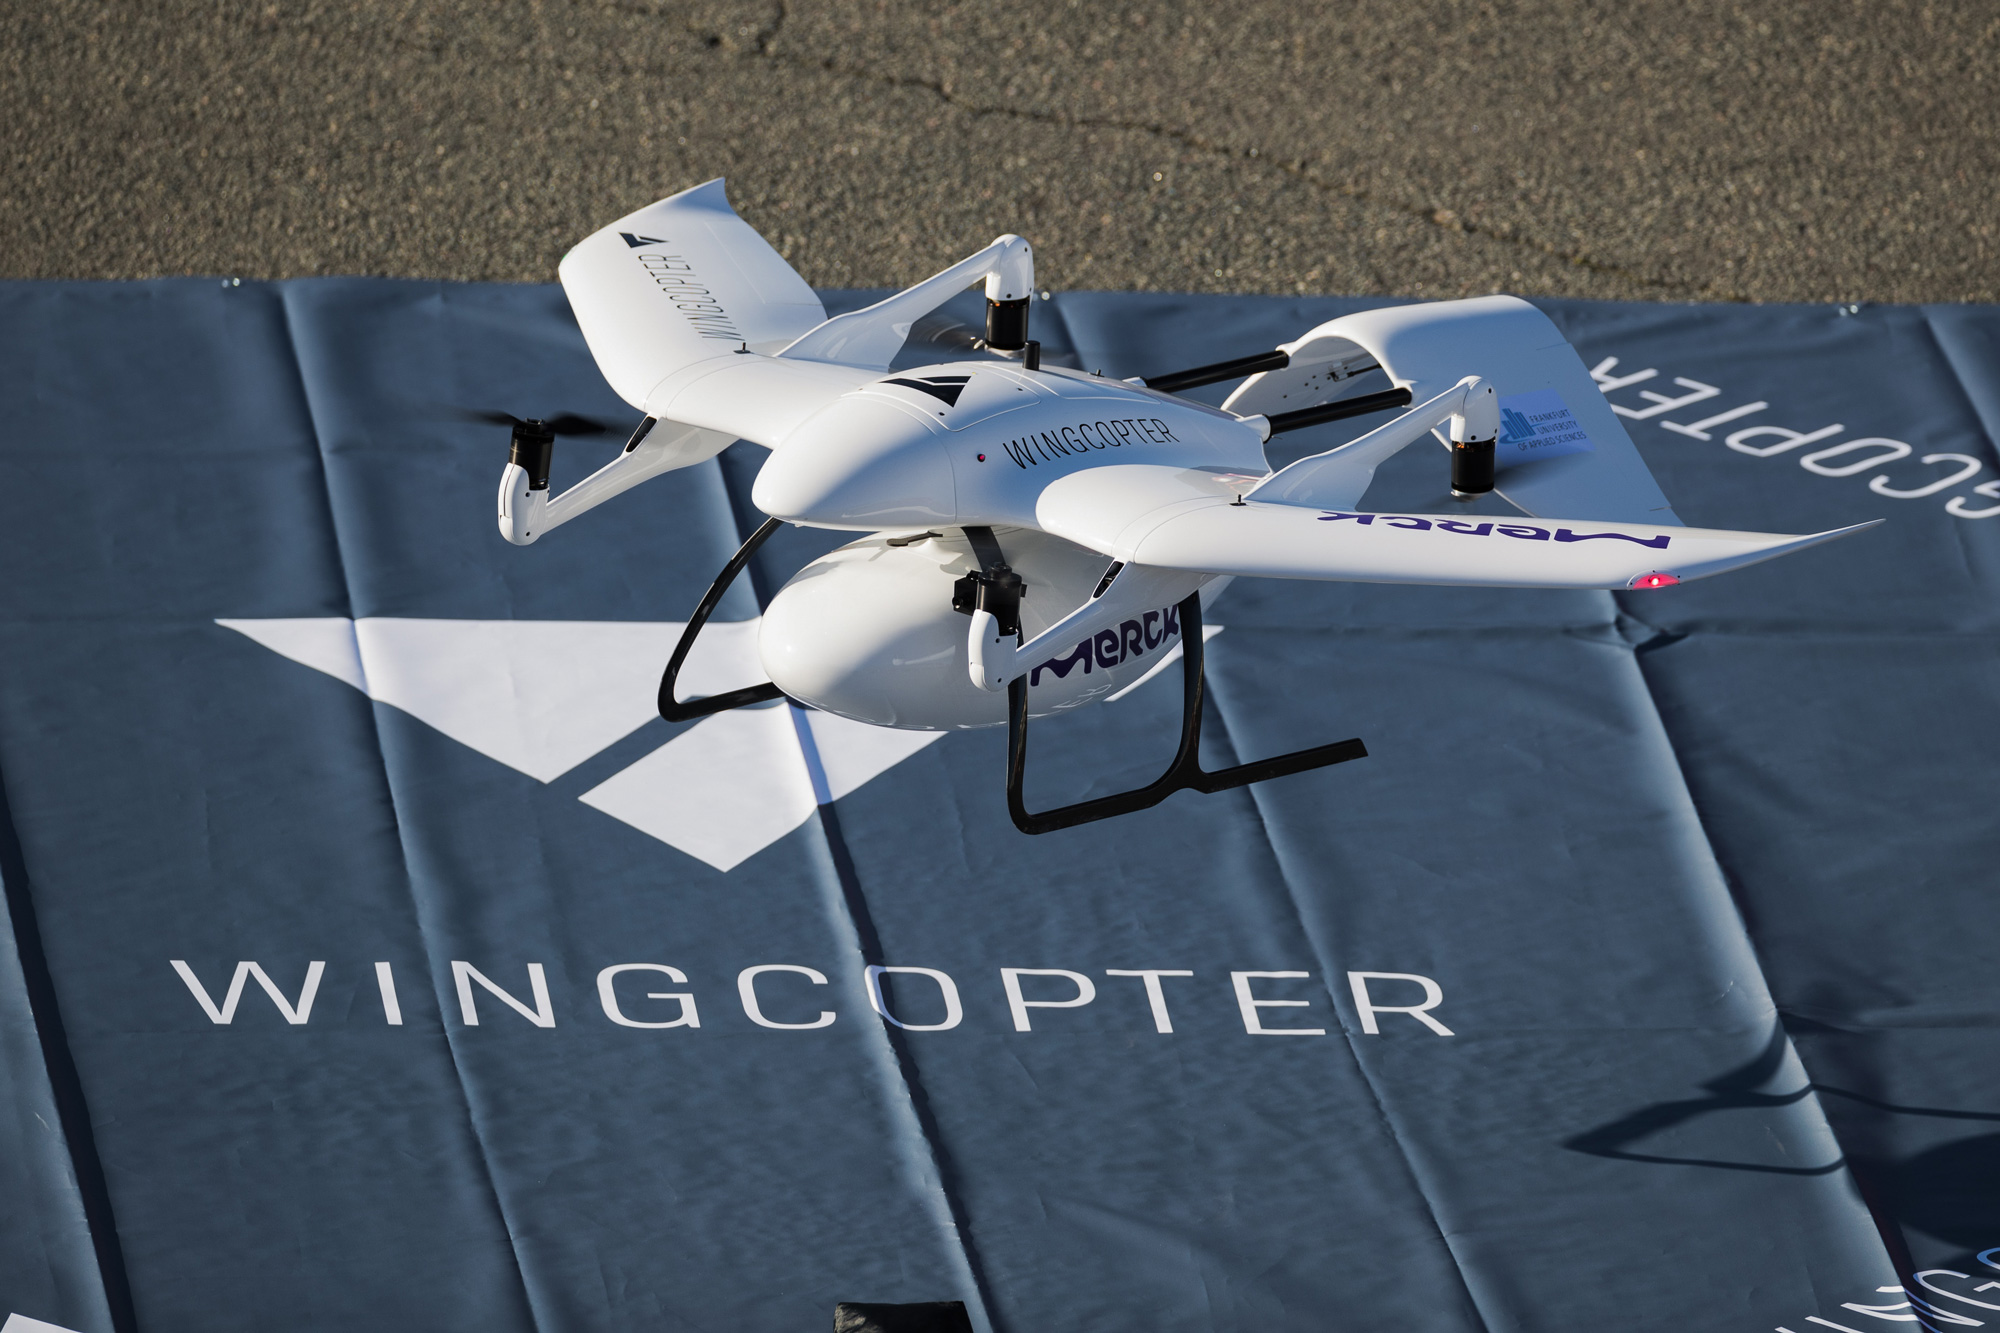 Wingcopter_Merck_bea-5-web